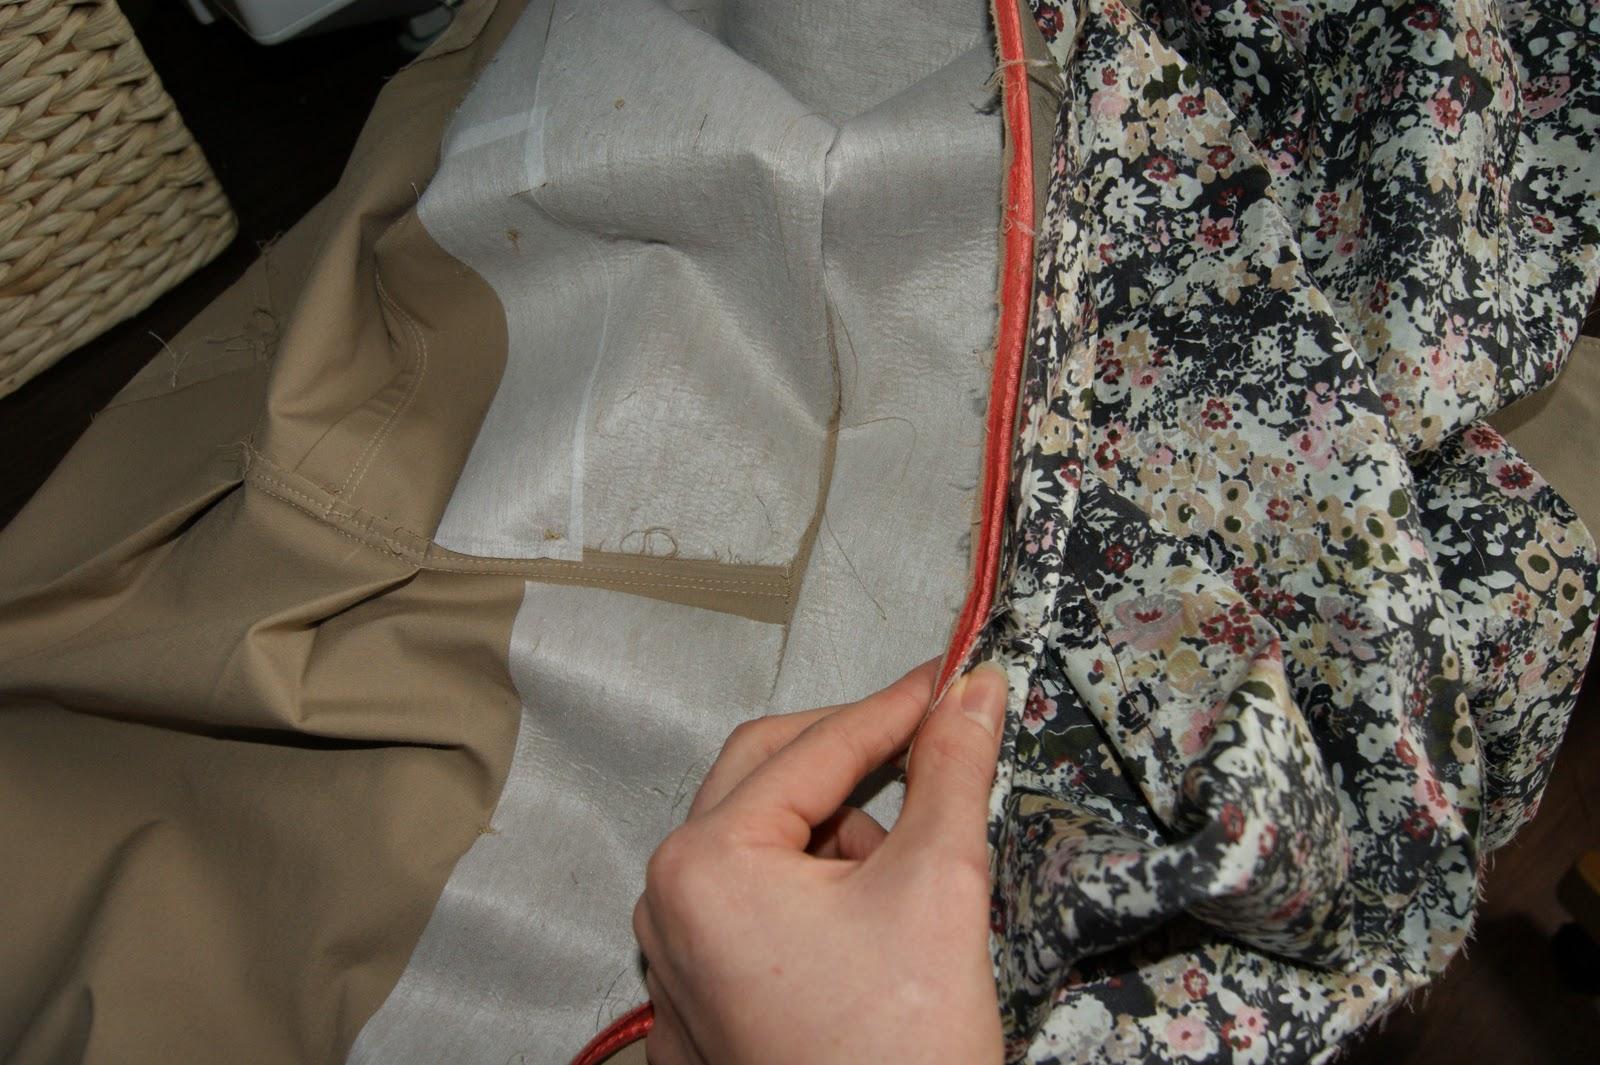 b18934c5c8b2 Uni-tam — Франшиза магазина женской одежды Oasis - Франшиза.